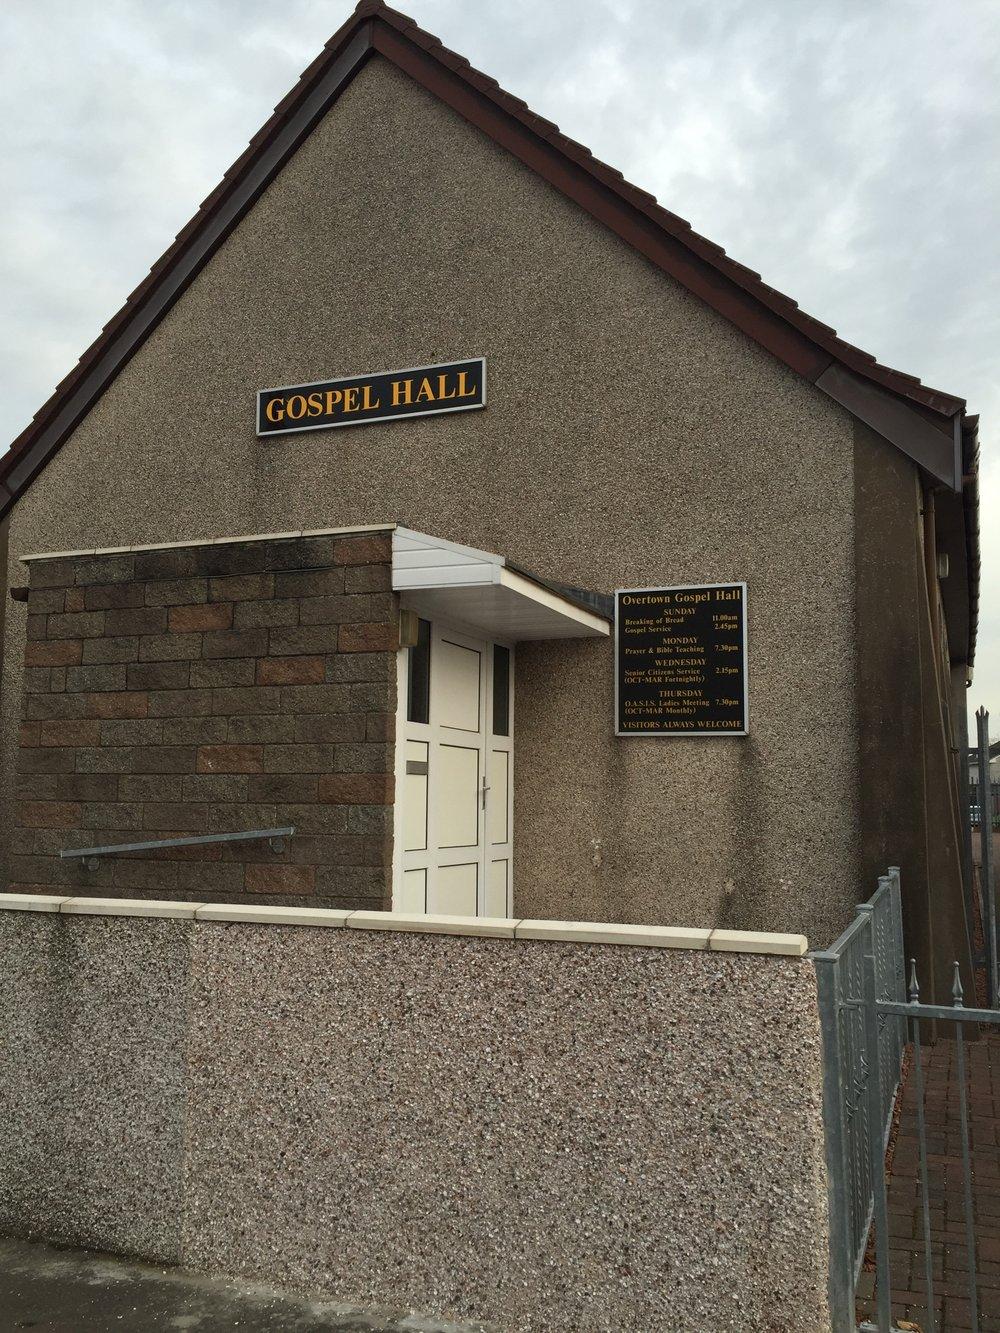 Overtown Gospel Hall